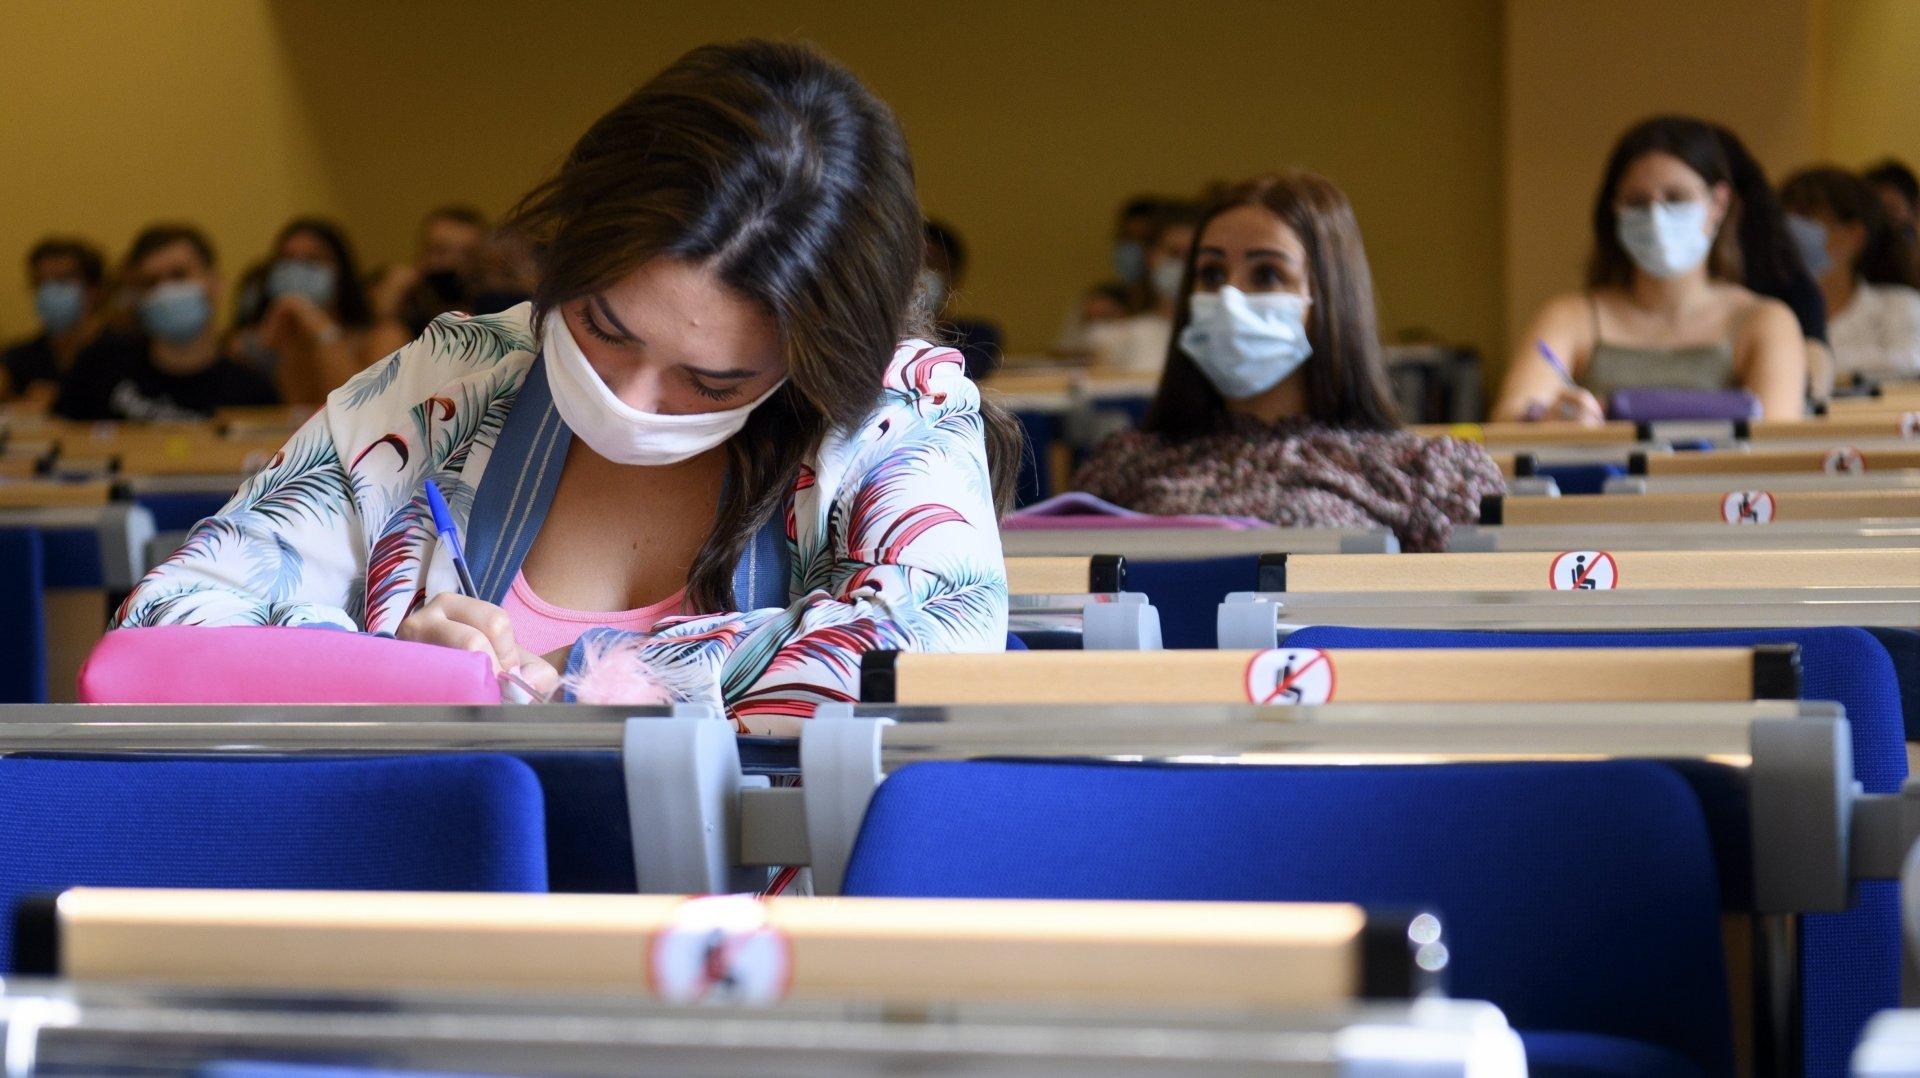 Le pass sanitaire inquiète les étudiants neuchâtelois